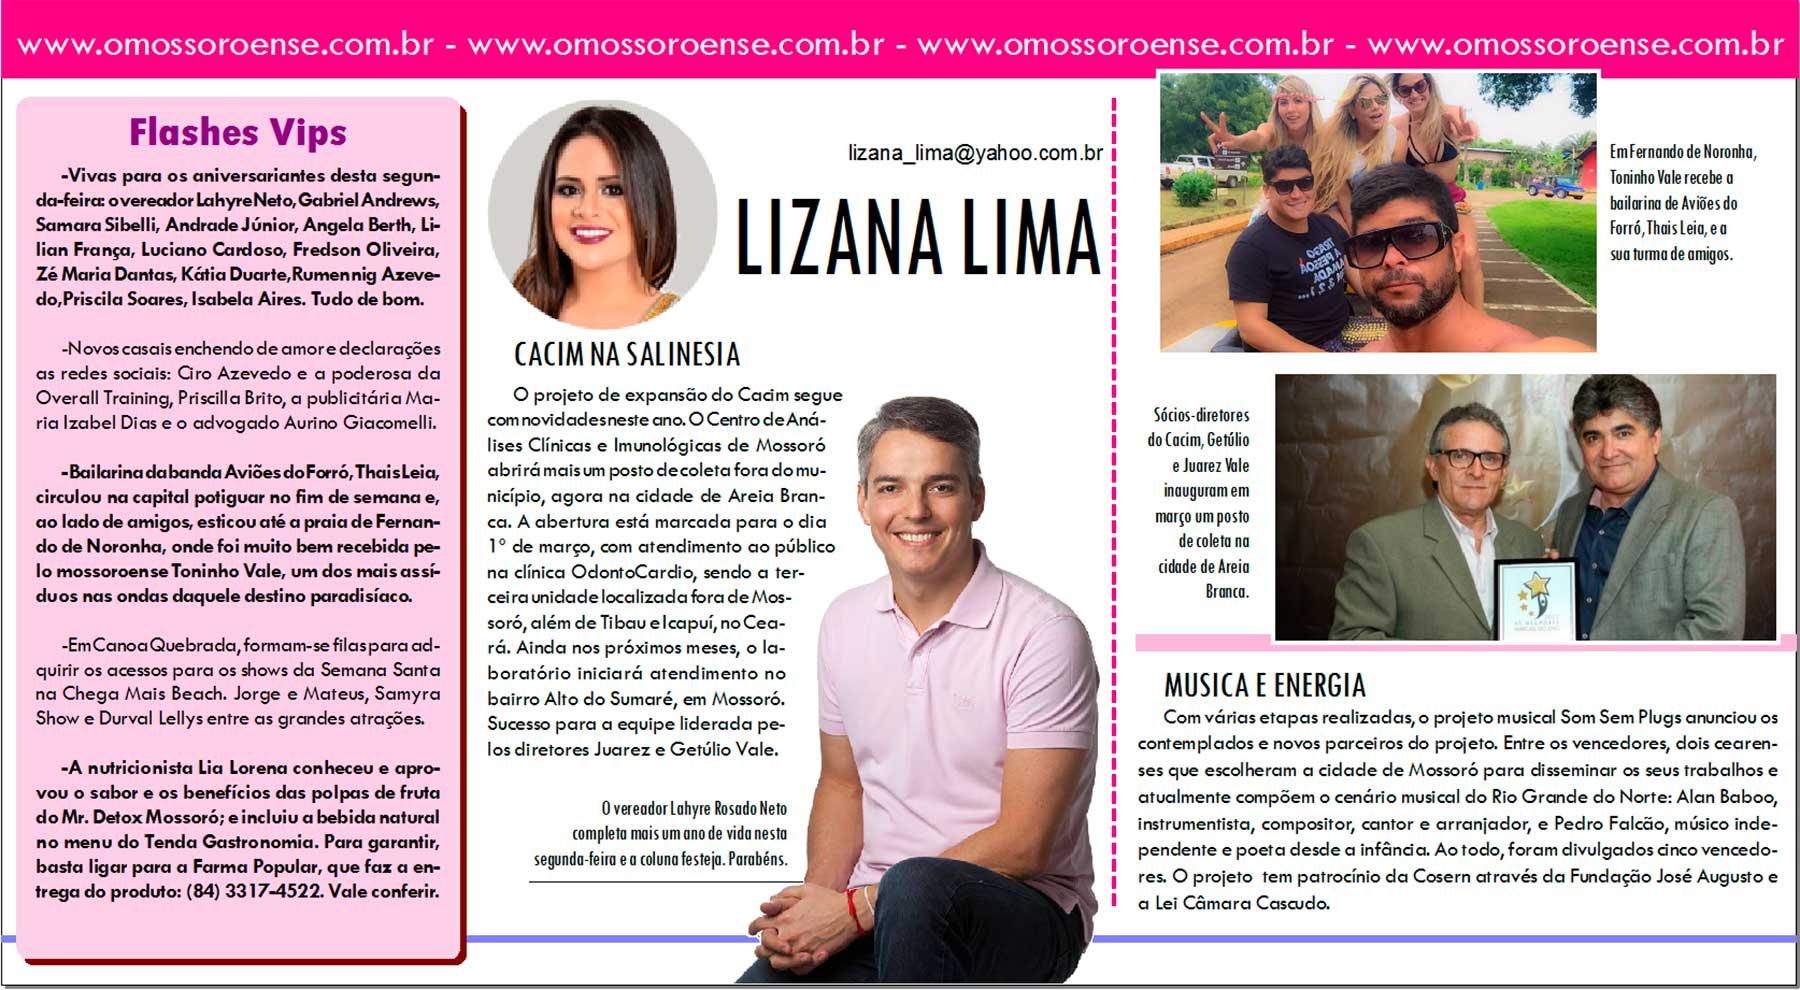 LIZANA-LIMA-22-01-16